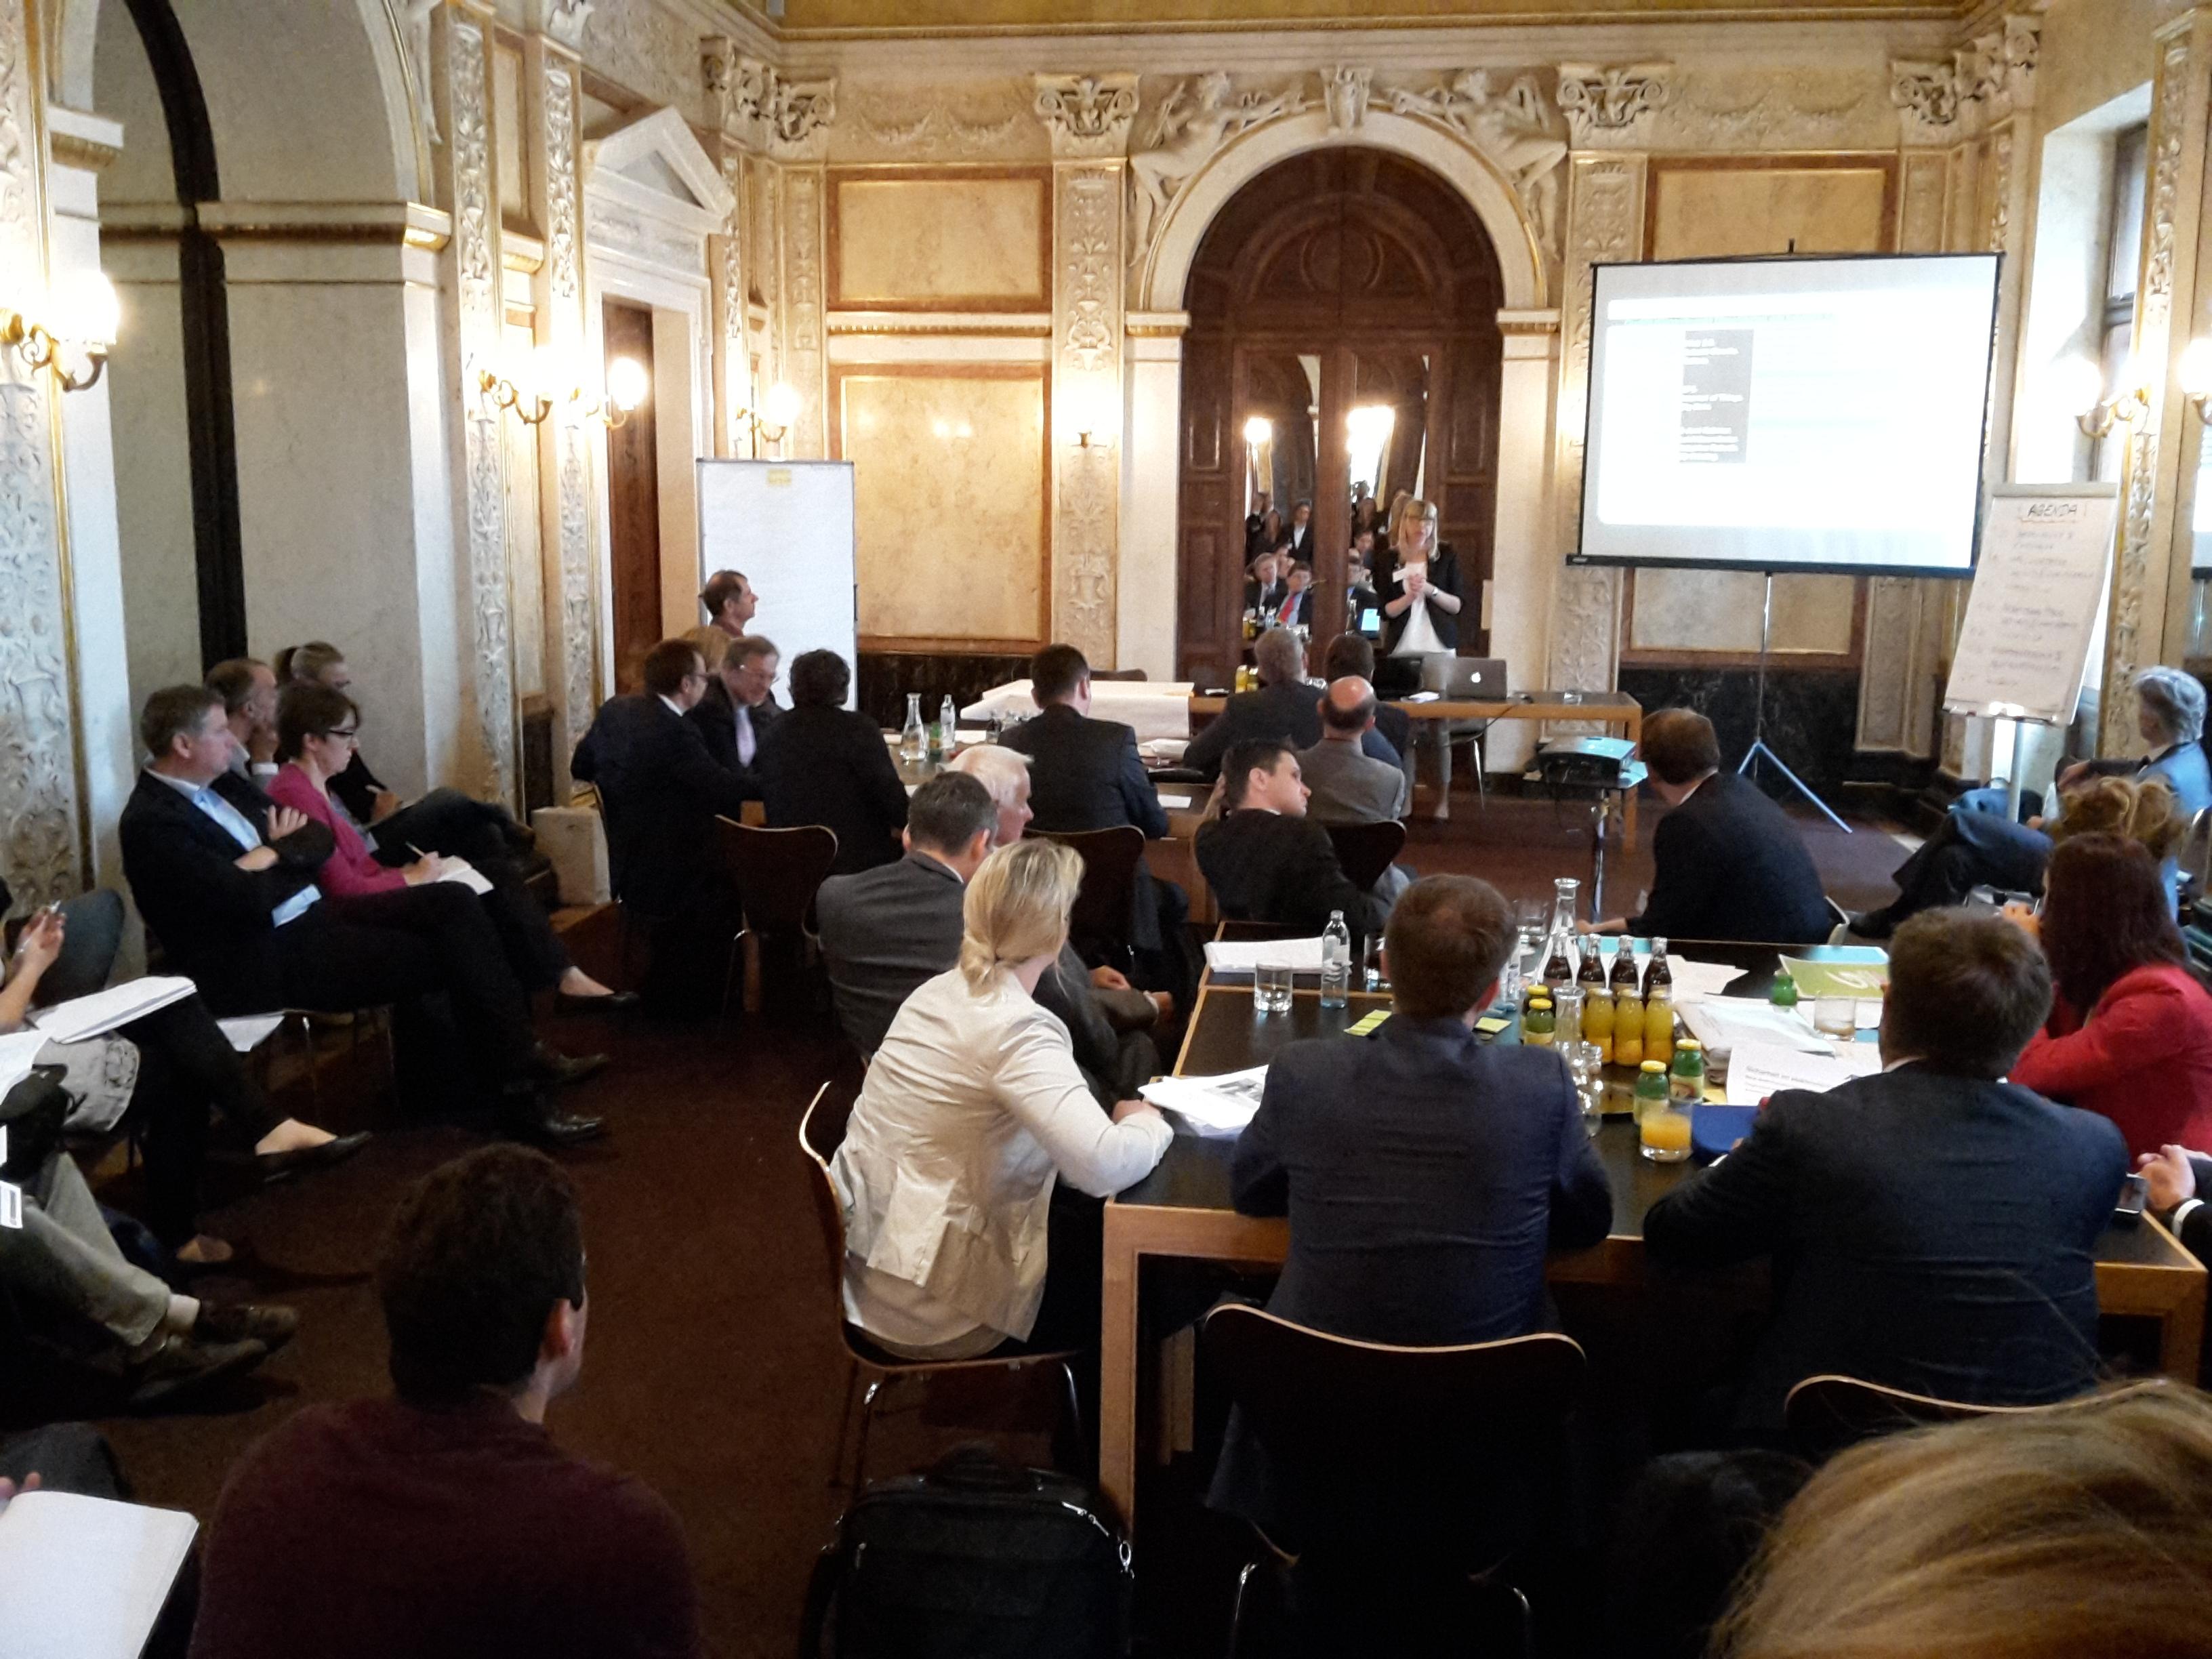 """Workshop """"Zukünftige Herausforderungen von Industrie 4.0"""" im Palais Epstein"""